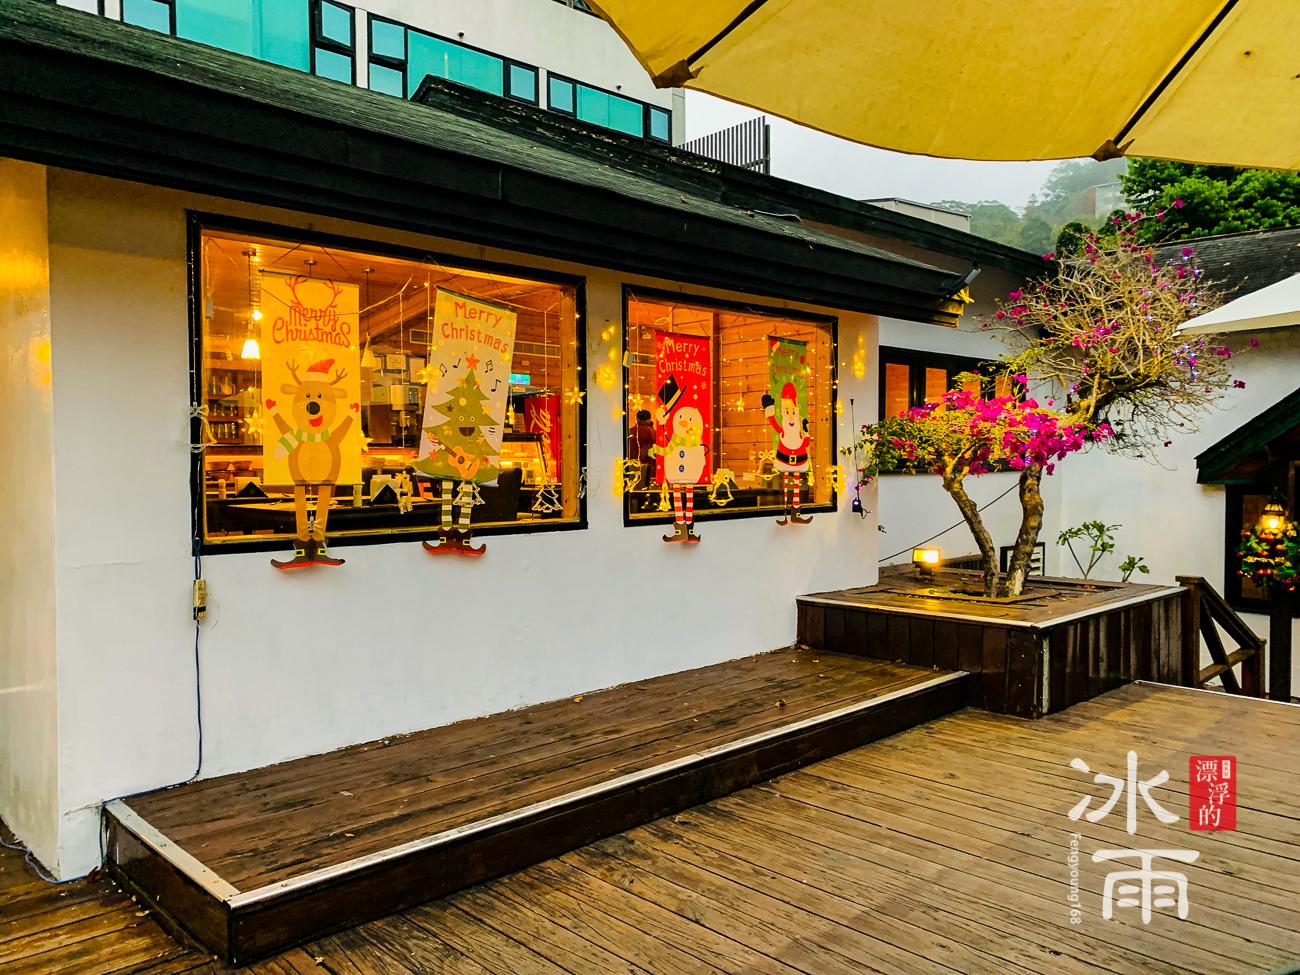 泰安湯悅溫泉會館|餐廳外觀